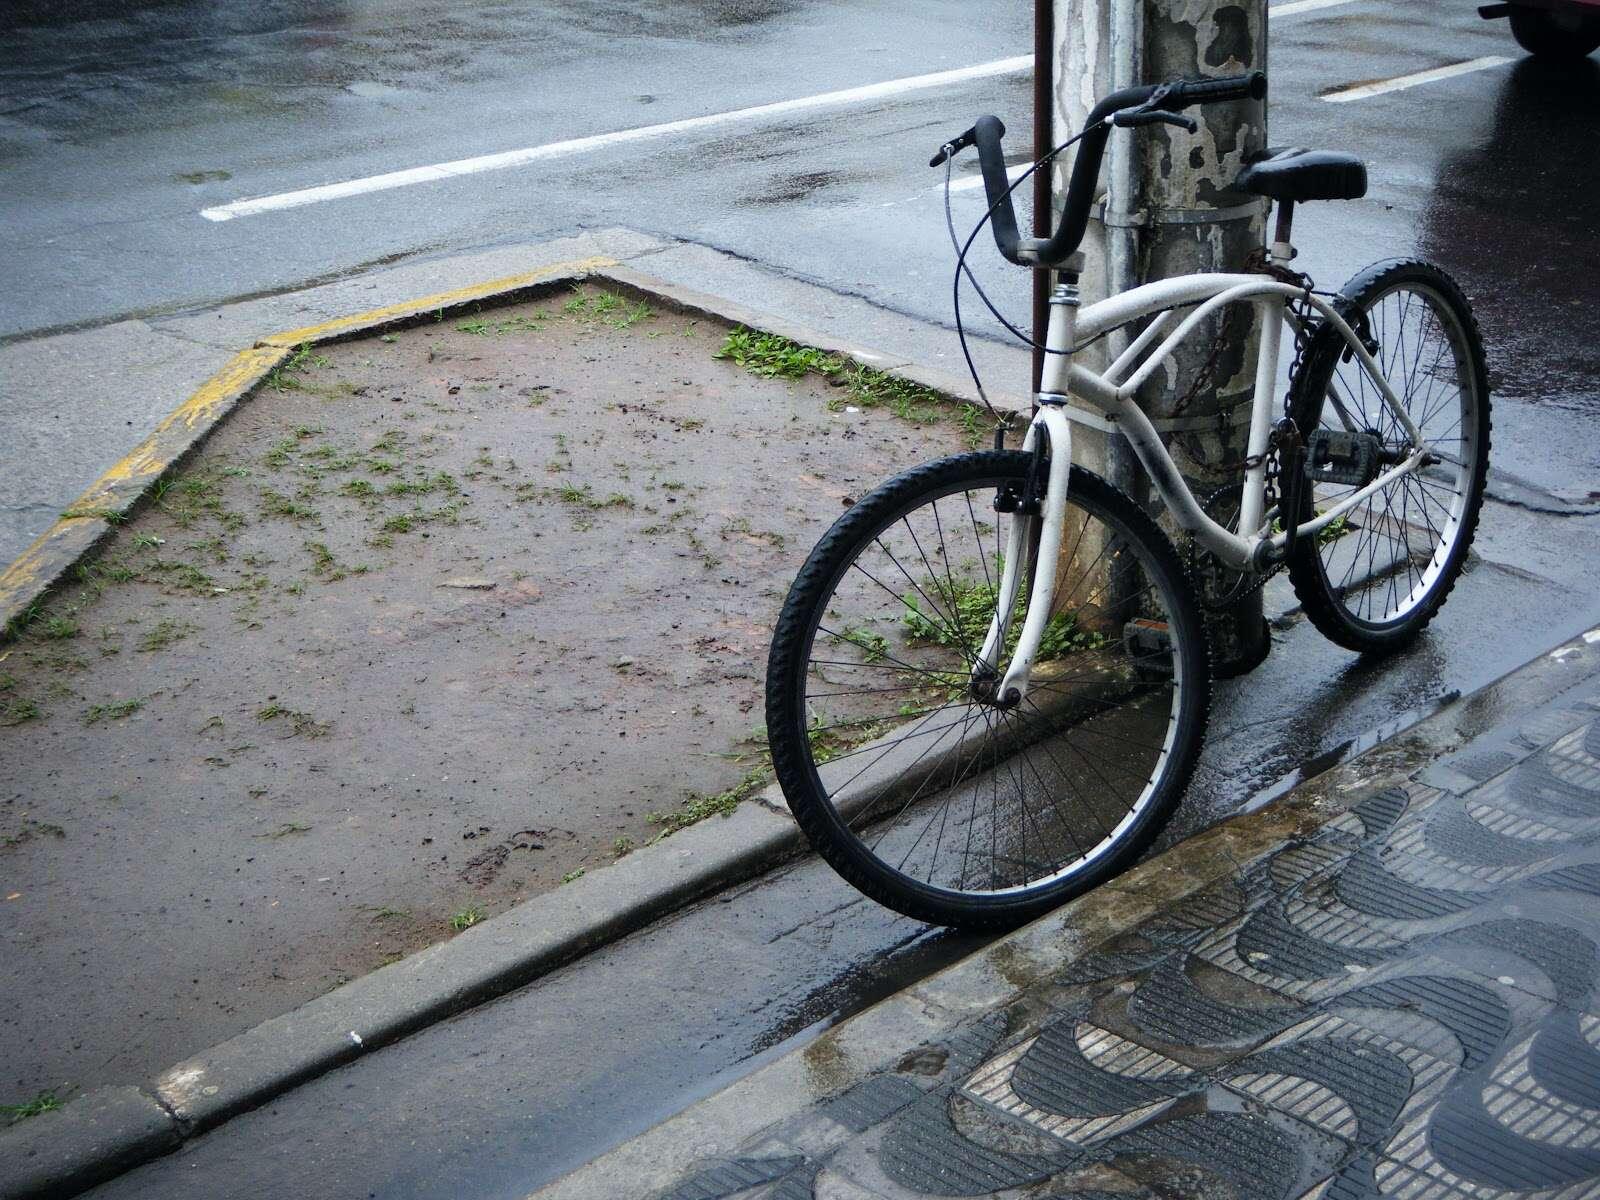 Ciclista pedalando nu é multado por não estar usando capacete.